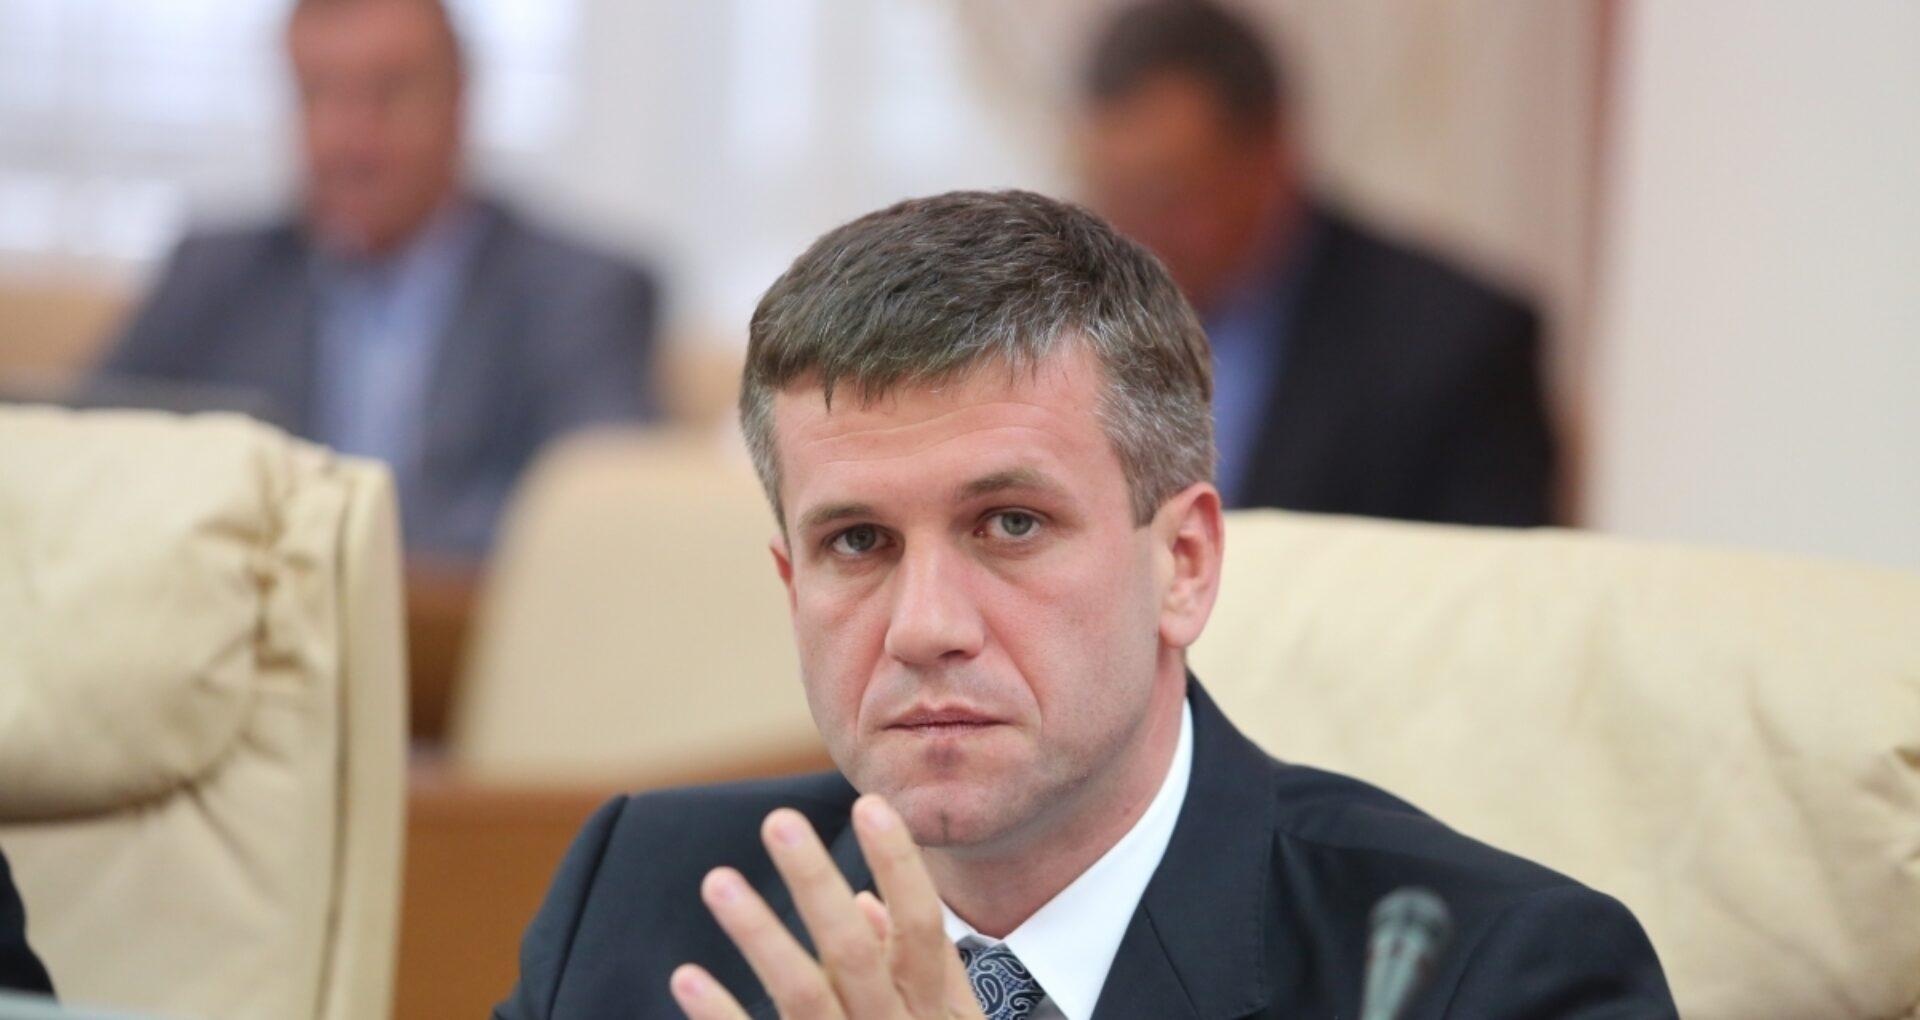 """Secretul condamnării fostului director SIS, Vasile Botnari. Jurist: """"Hotărârea judecătorească, chiar și în ședință închisă, se pronunță în ședință publică"""". Ce prevede legea"""